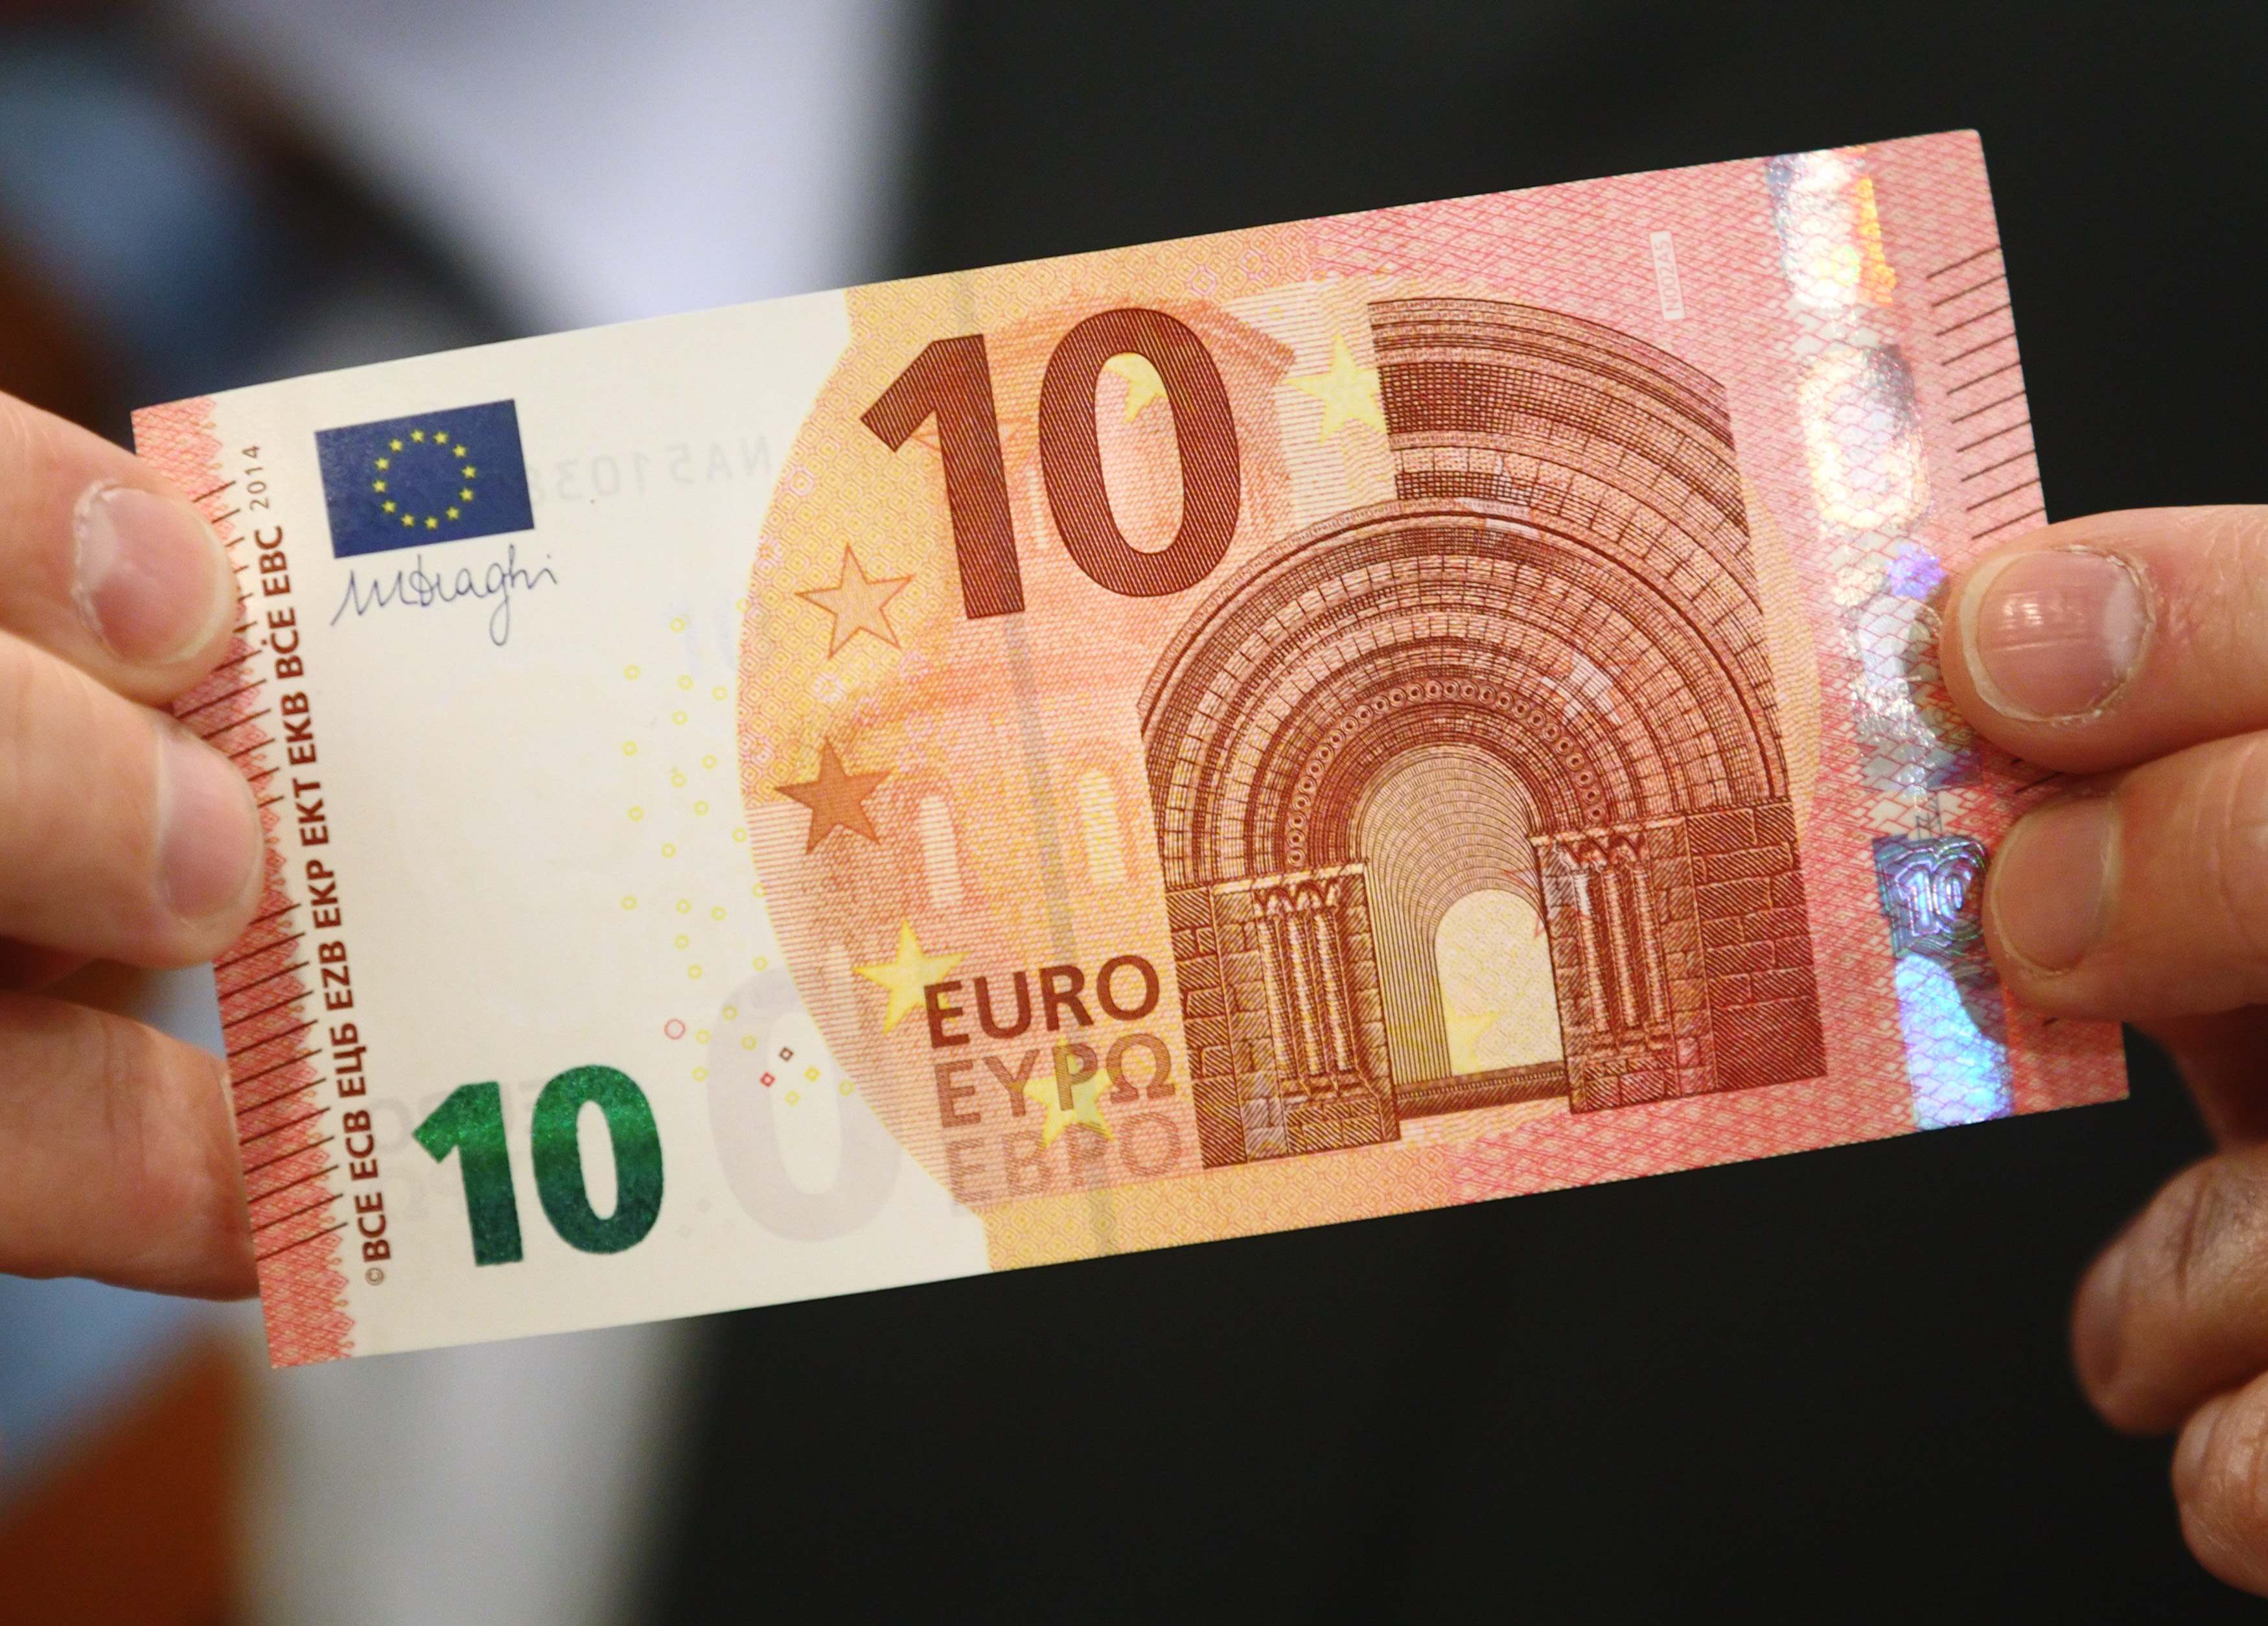 Курс валют на 24-07-2019: Курс валют на сегодня: Нацбанк ощутимо укрепил курс гривны к евро